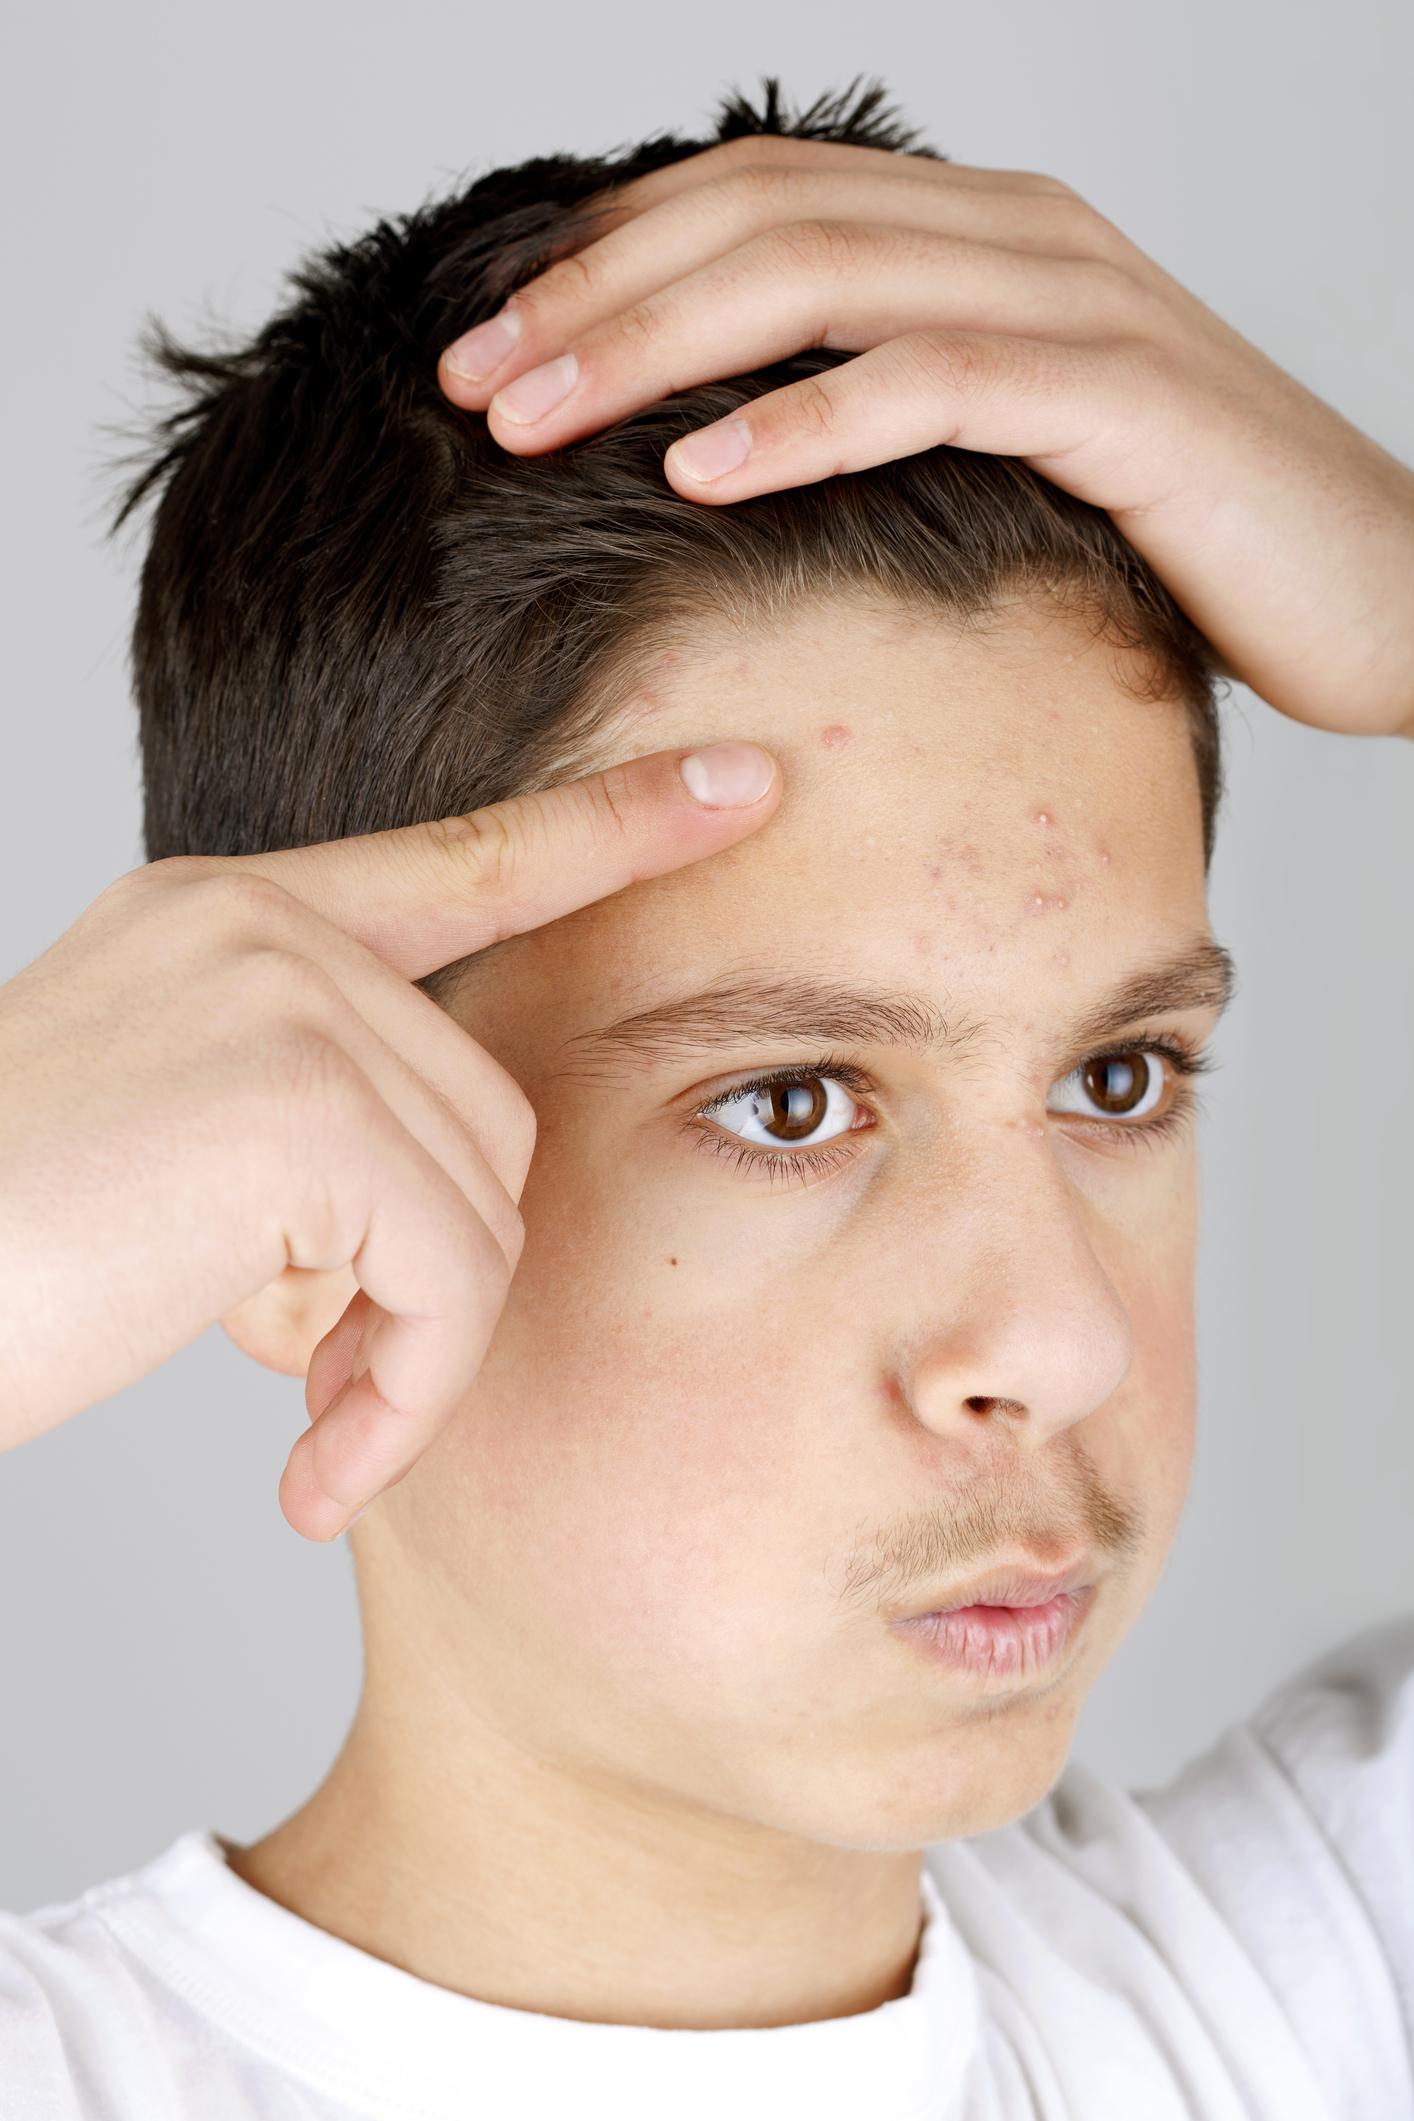 Как избавиться от высыпаний на коже лица?